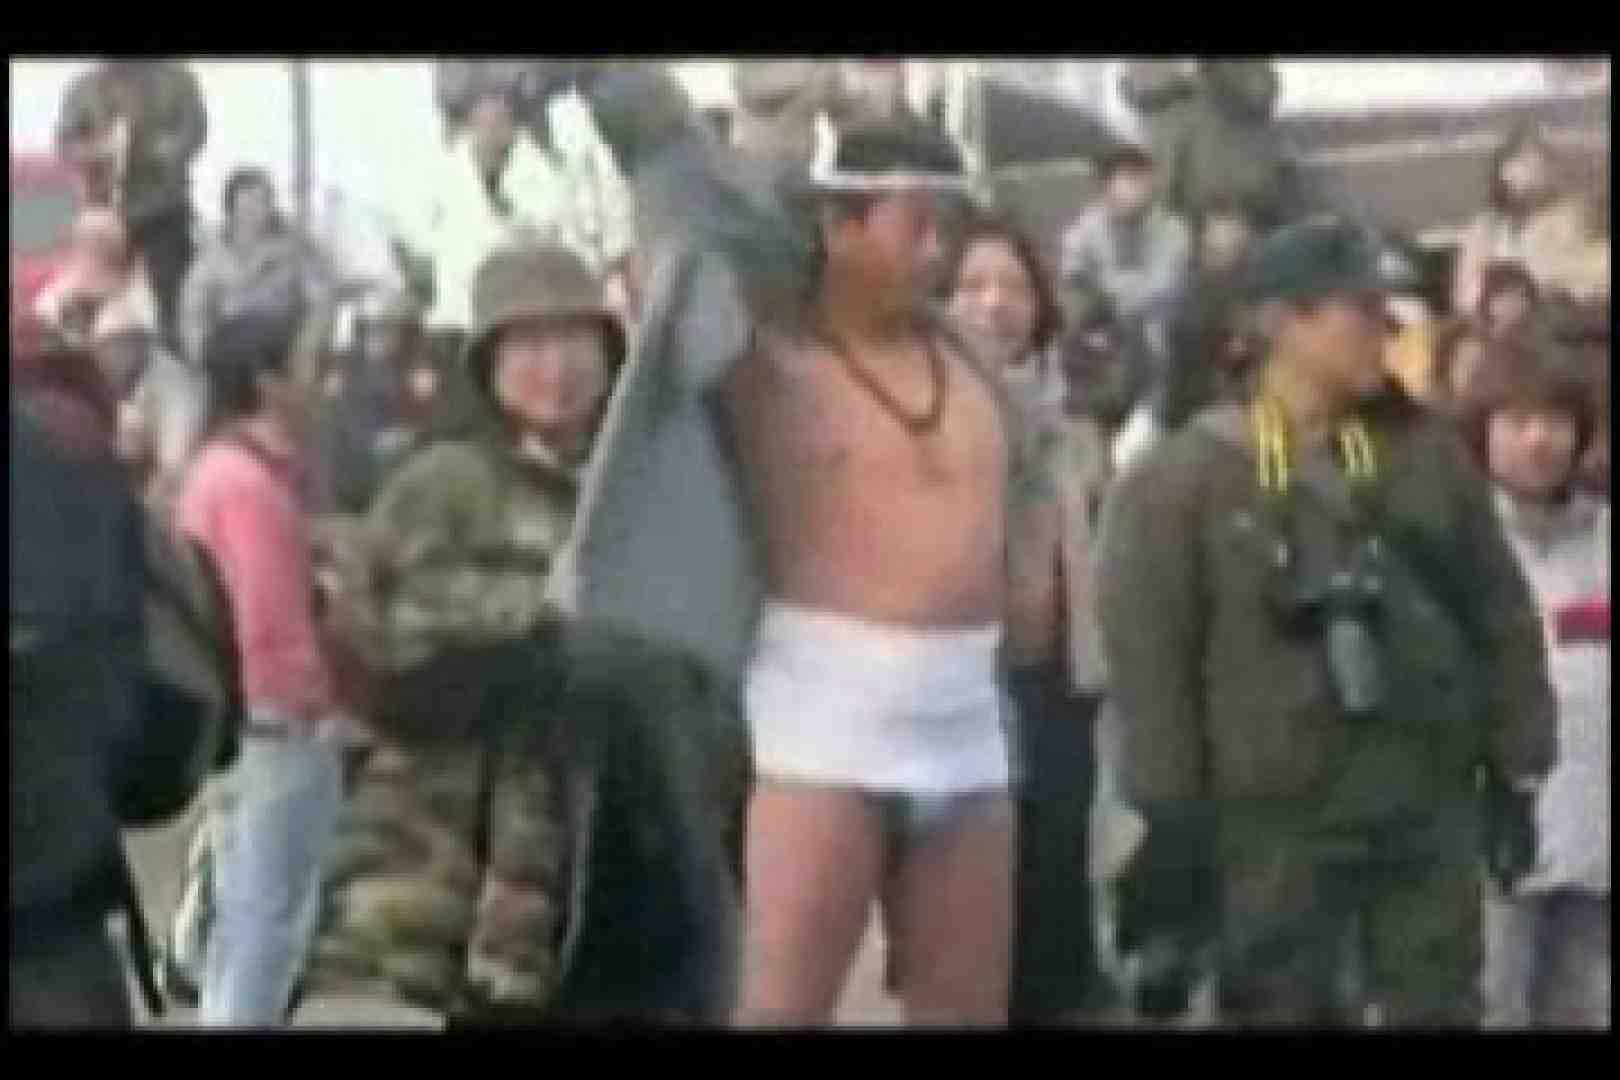 ゲイザーメン動画|陰間茶屋 男児祭り VOL.1|野外露出